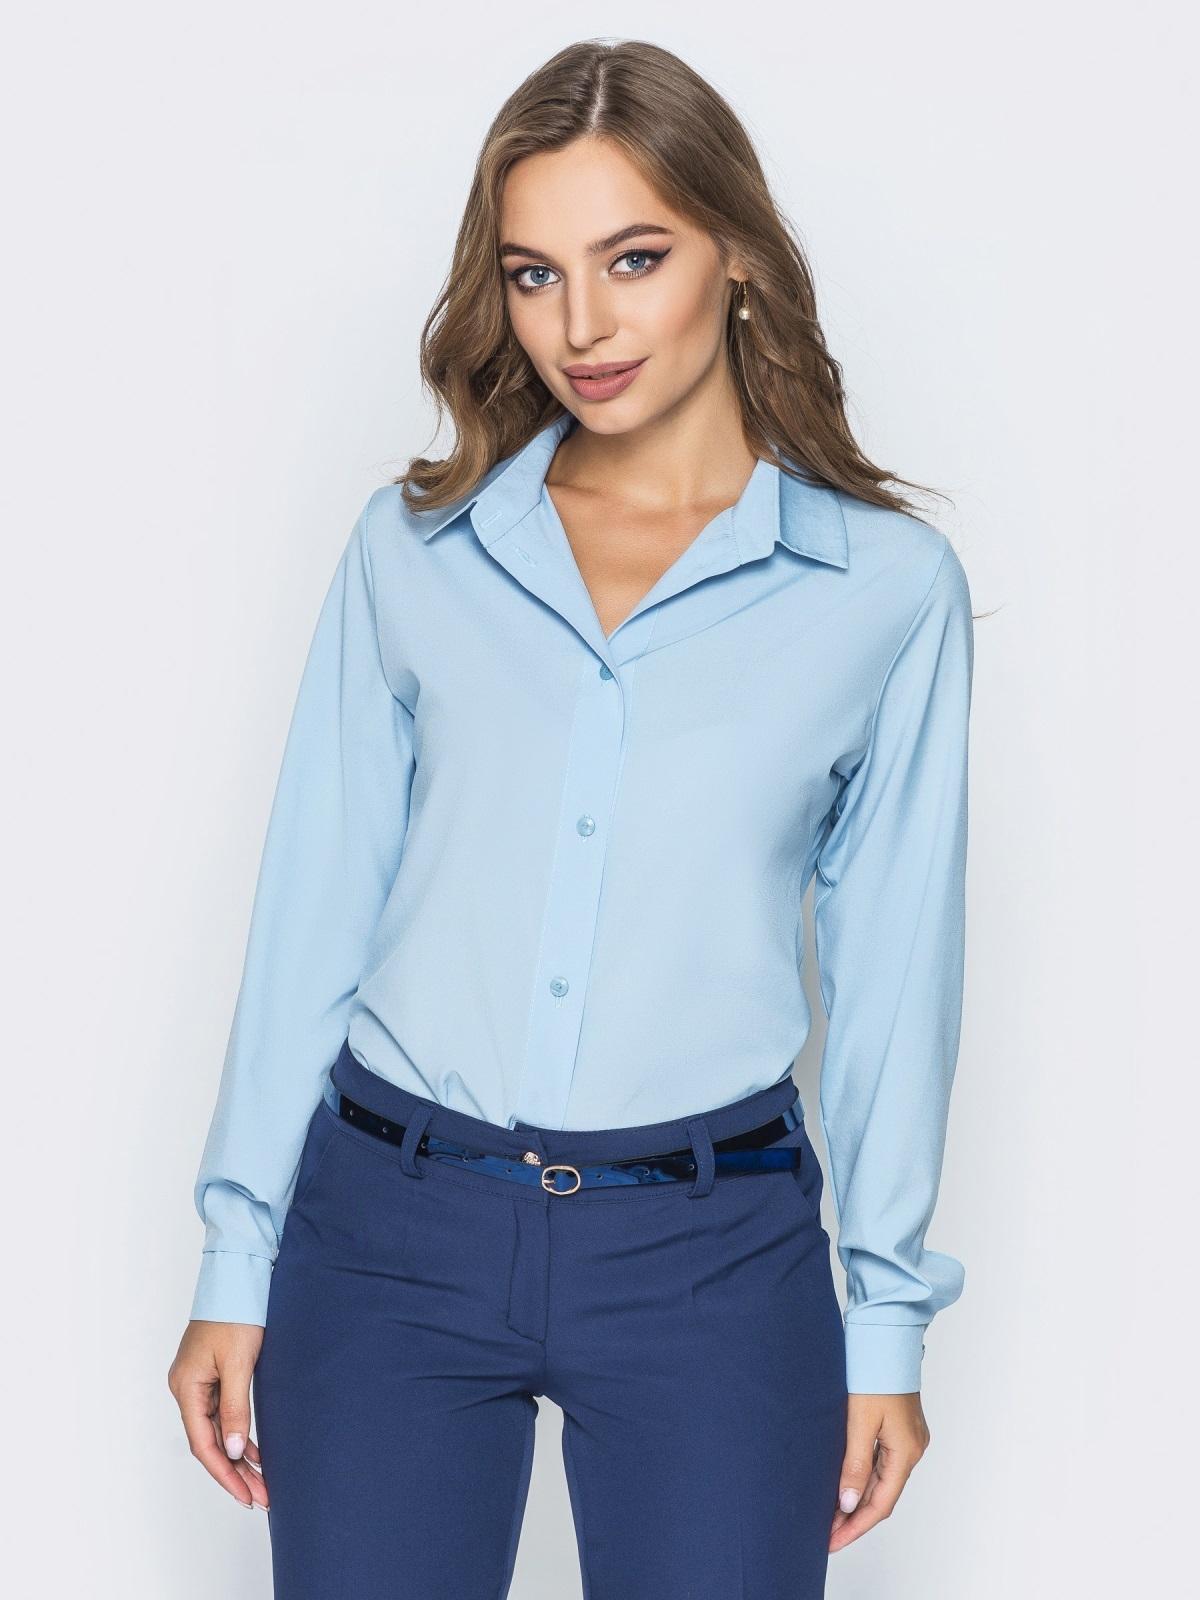 Блузка полуприталенного кроя с функциональными пуговицами голубая - 14228, фото 1 – интернет-магазин Dressa